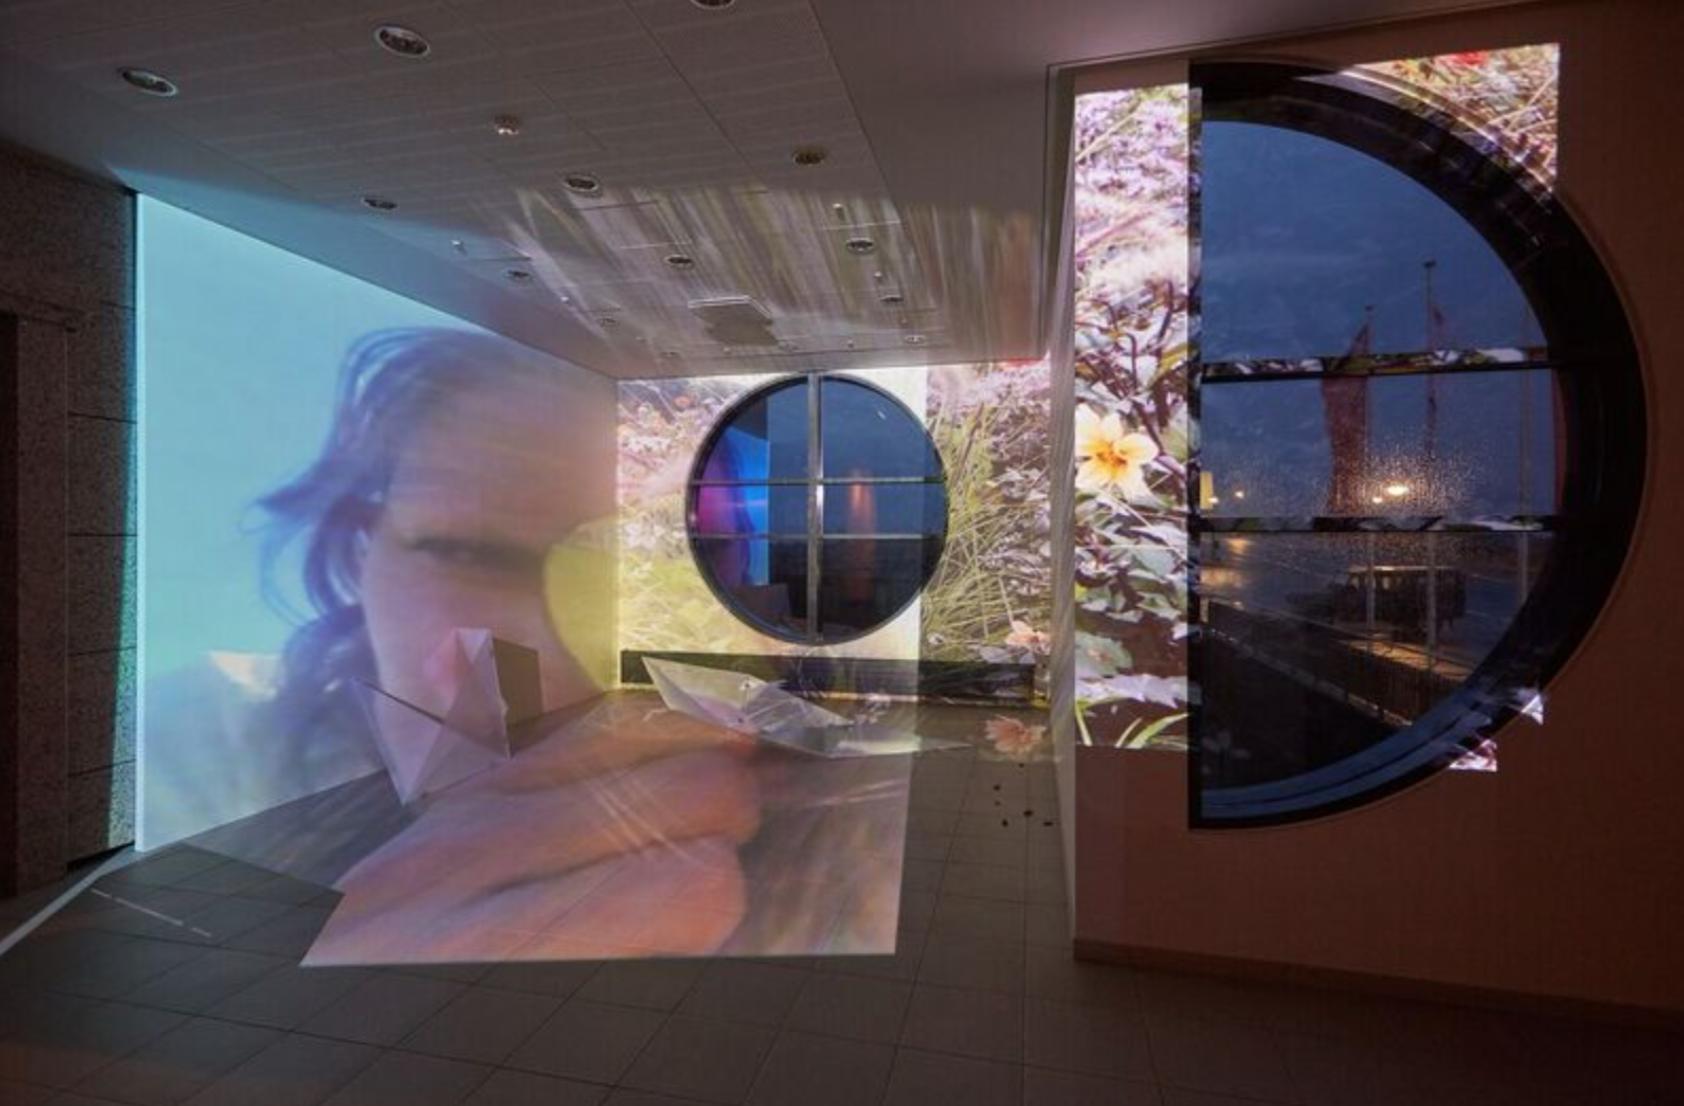 Ásdís Sif Gunnarsdóttir,I Could be your Mirror, projection, 2016. Photo by Vigfús Birgisson. Courtesy of Cycle Music and Art Festival, Kópavogur, Iceland.